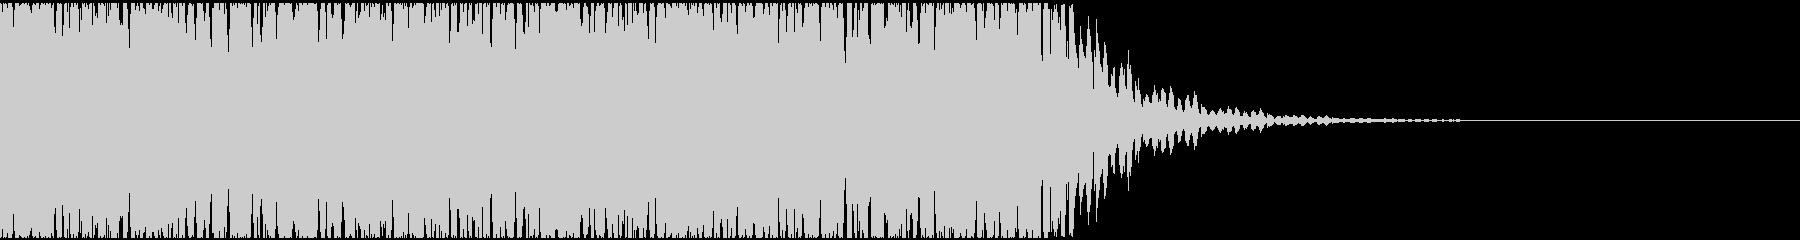 【エレクトロニカ】テクノ、ジングル5の未再生の波形